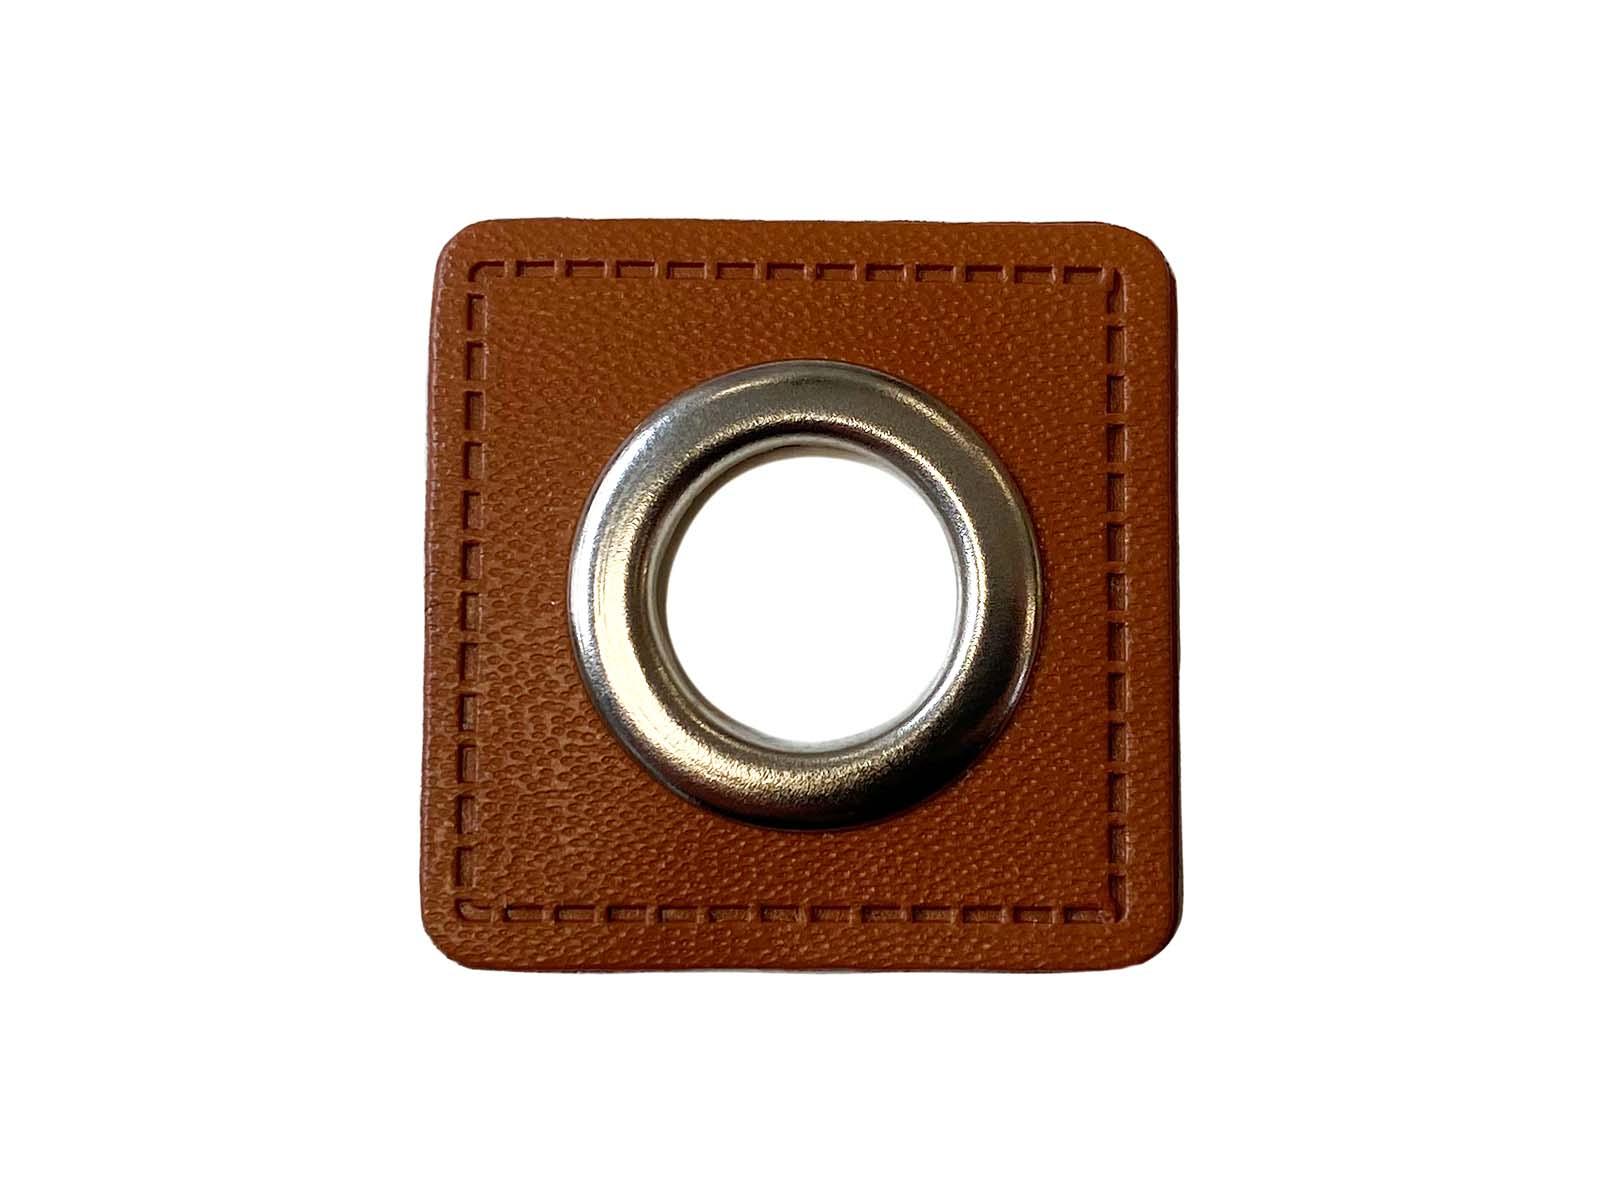 Ösen-Patch in braun - 13 mm Öse